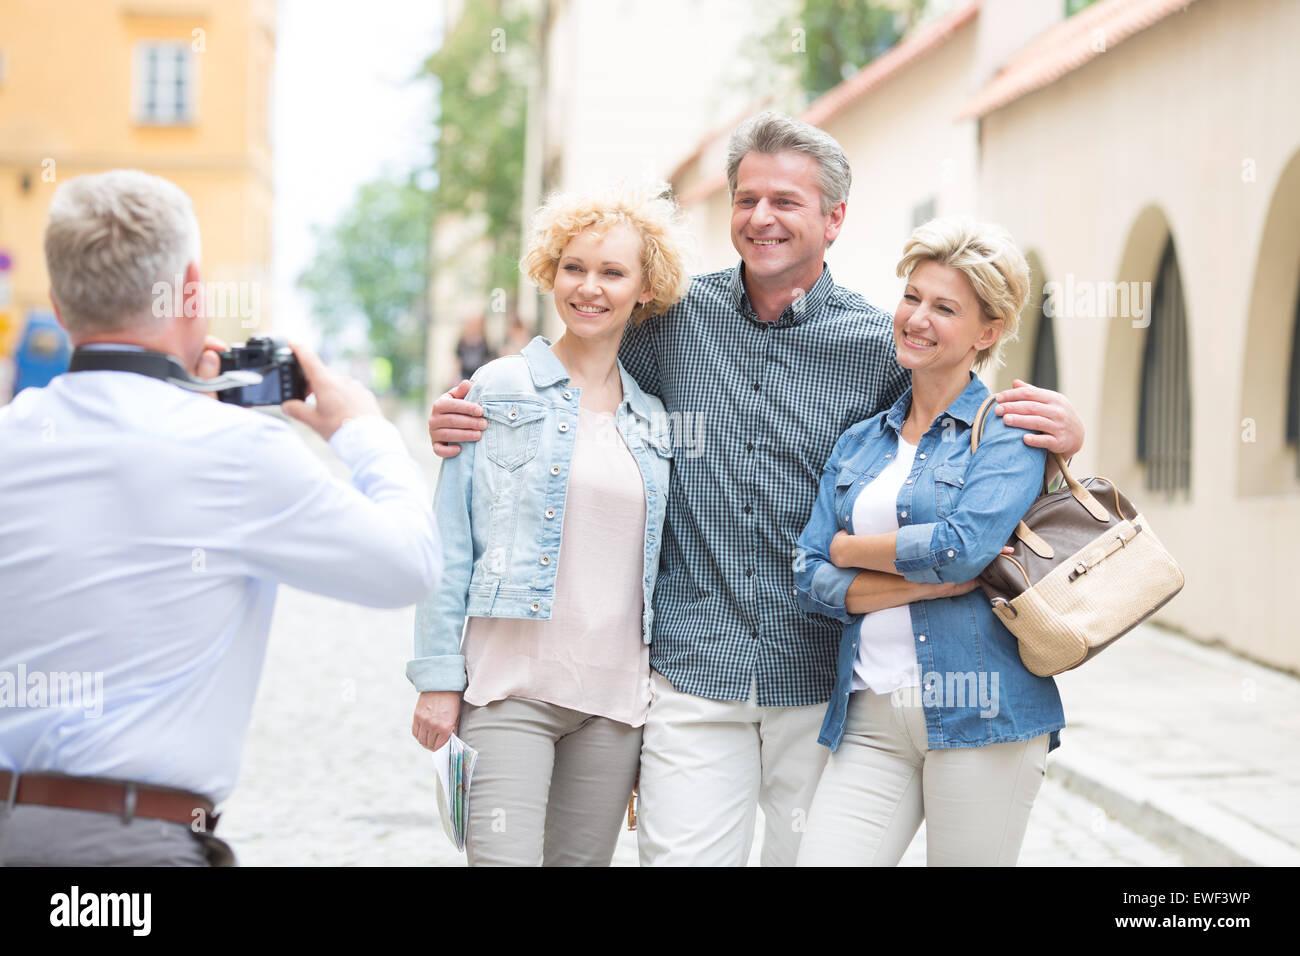 Vue arrière de l'homme photographie amis en ville Photo Stock